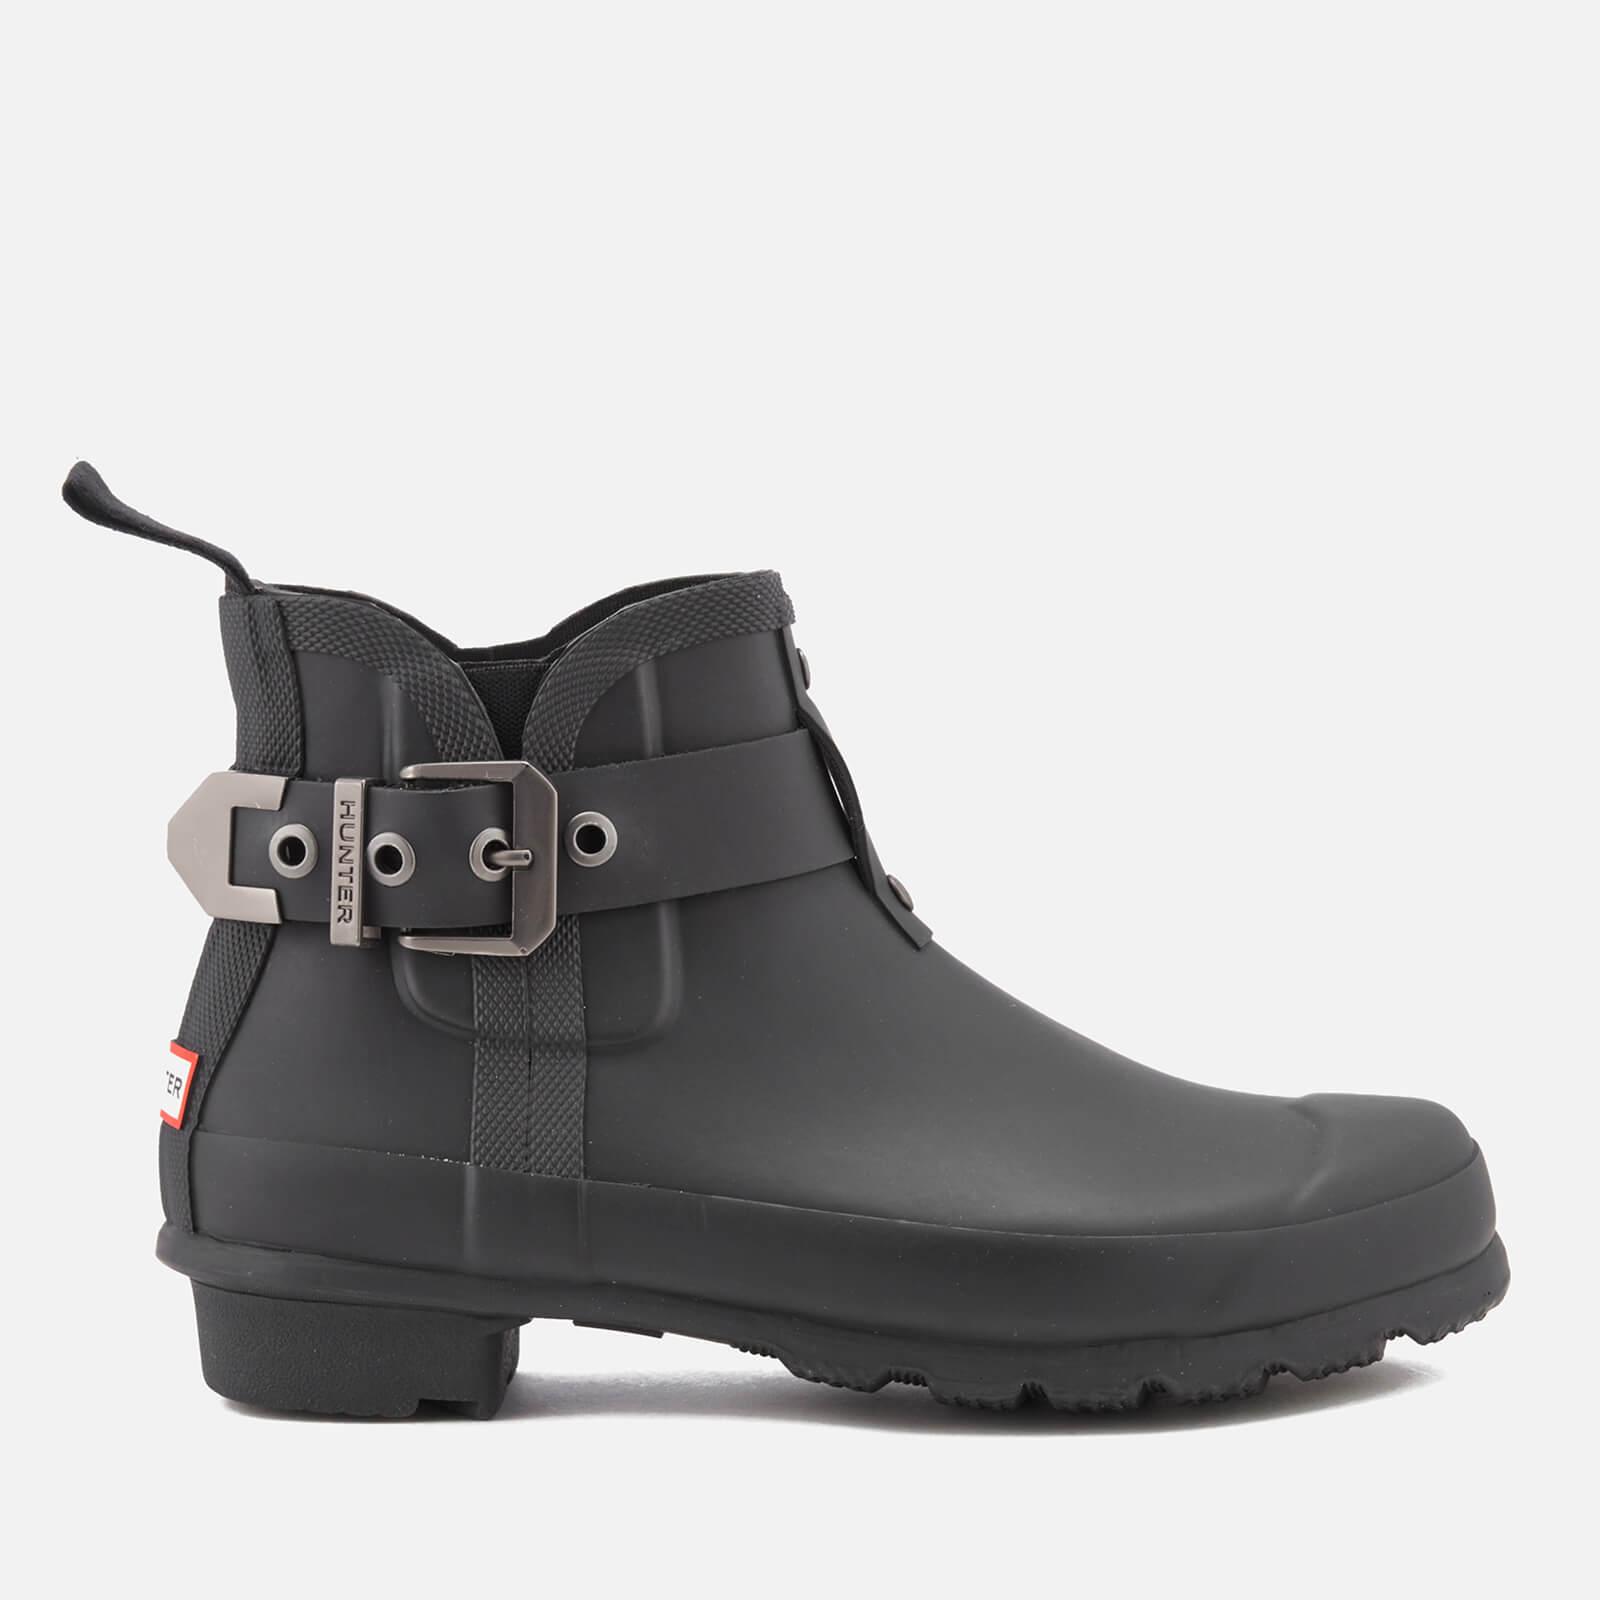 6292e01517e0 Hunter Women s Original Mercury Chelsea Boots - Black - Free UK Delivery  over £50